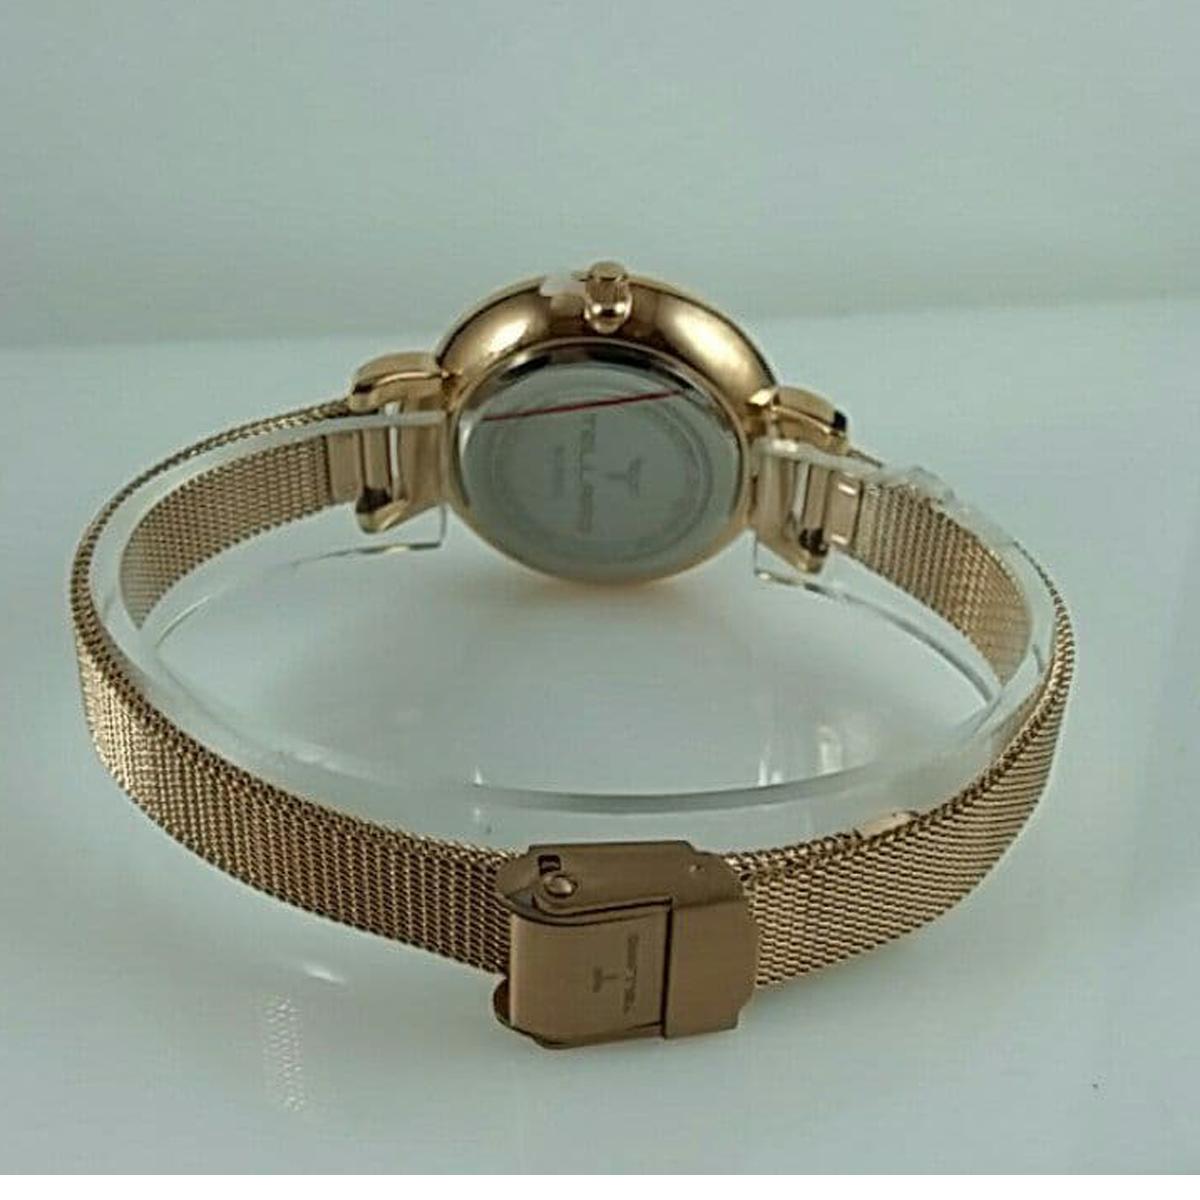 خرید و قیمت                      ساعت مچی  زنانه مدل T3001 - l - m -4424